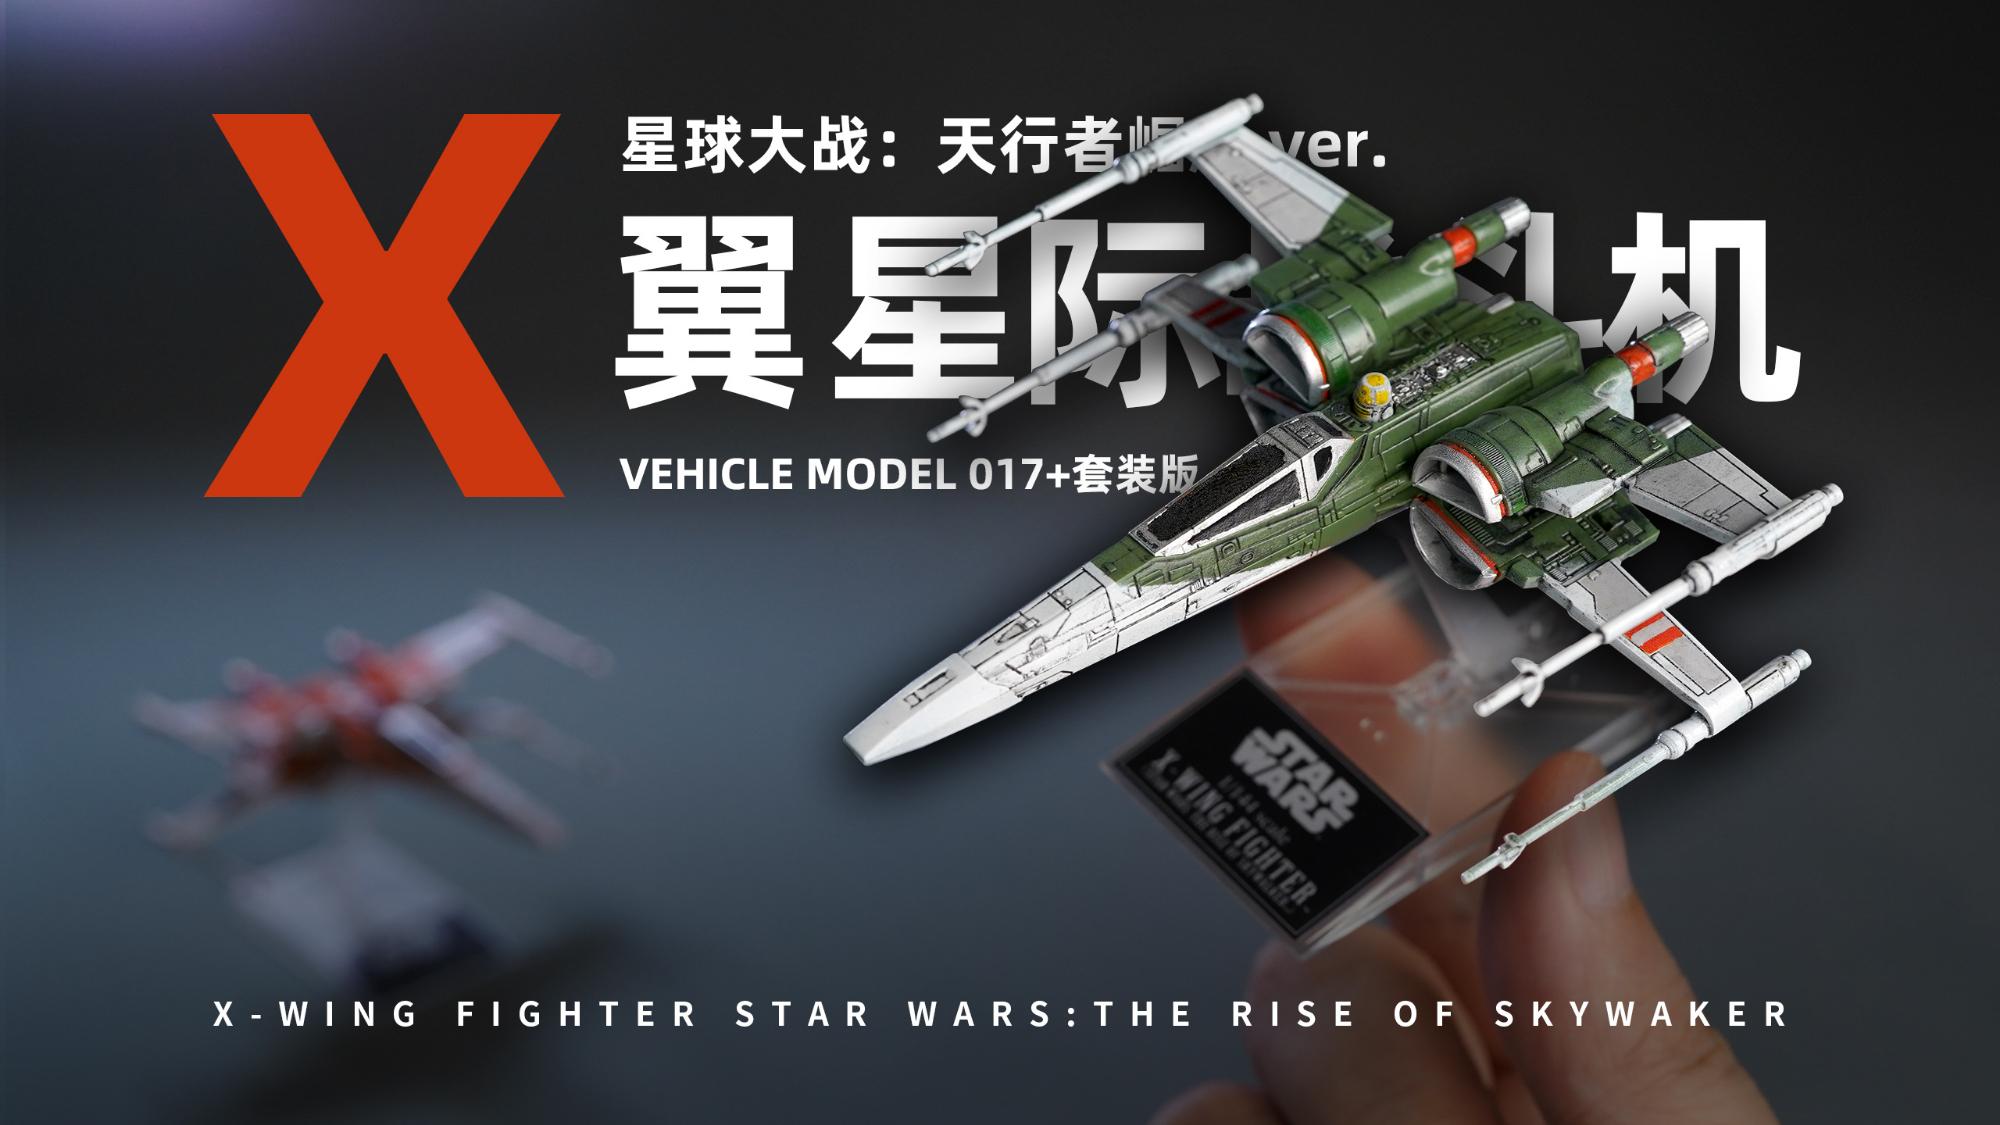 超迷你!万代 VEHICLEMODEL 017 X翼星际战斗机!【章鱼的玩具】